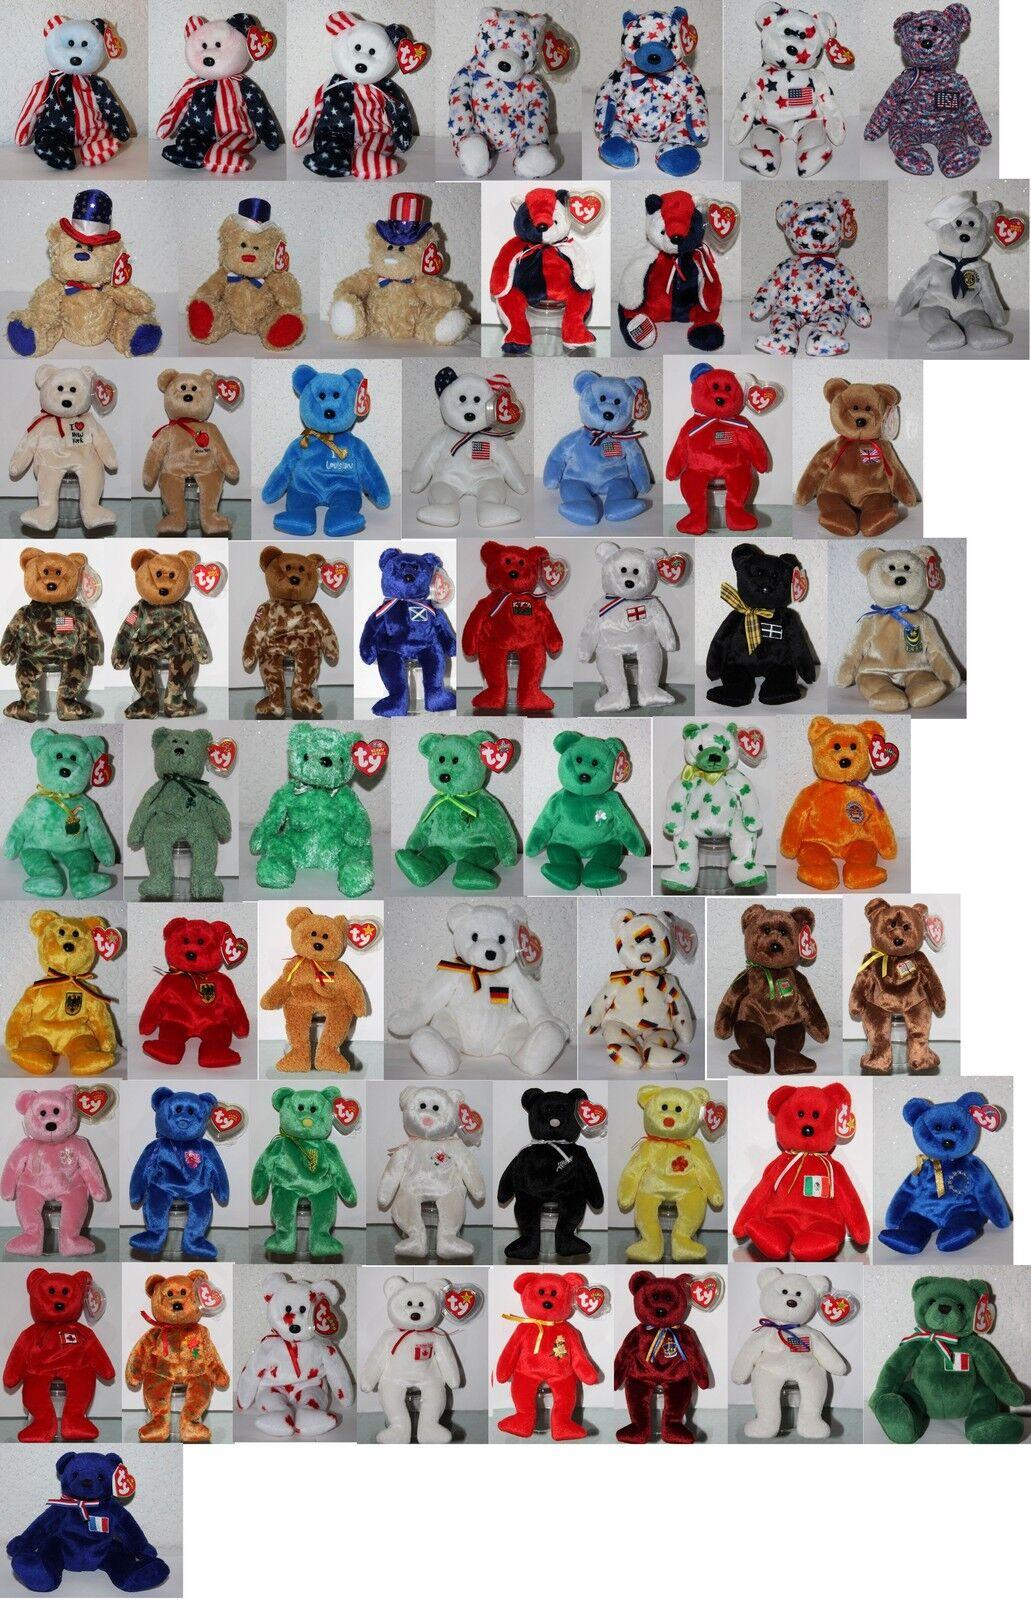 Ty Beanie Baby Beanies (Stuffed Toy) Teddy Bear Select